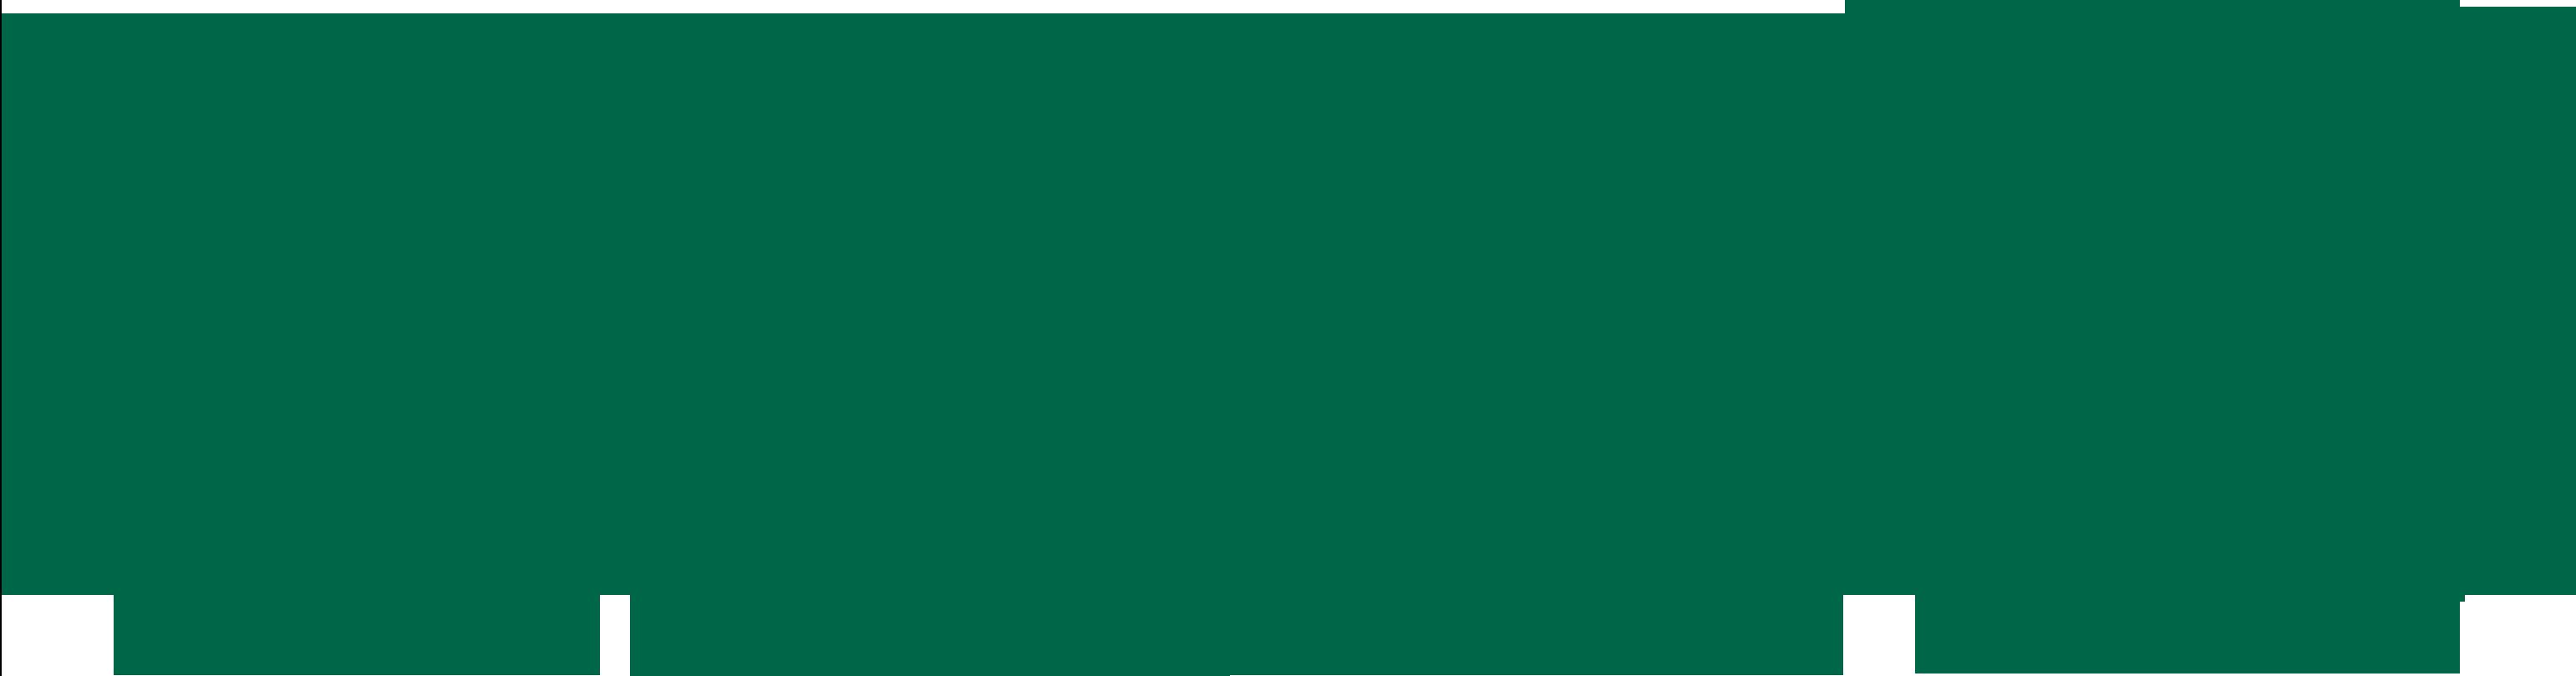 Flannerys Organic Wholefood Market